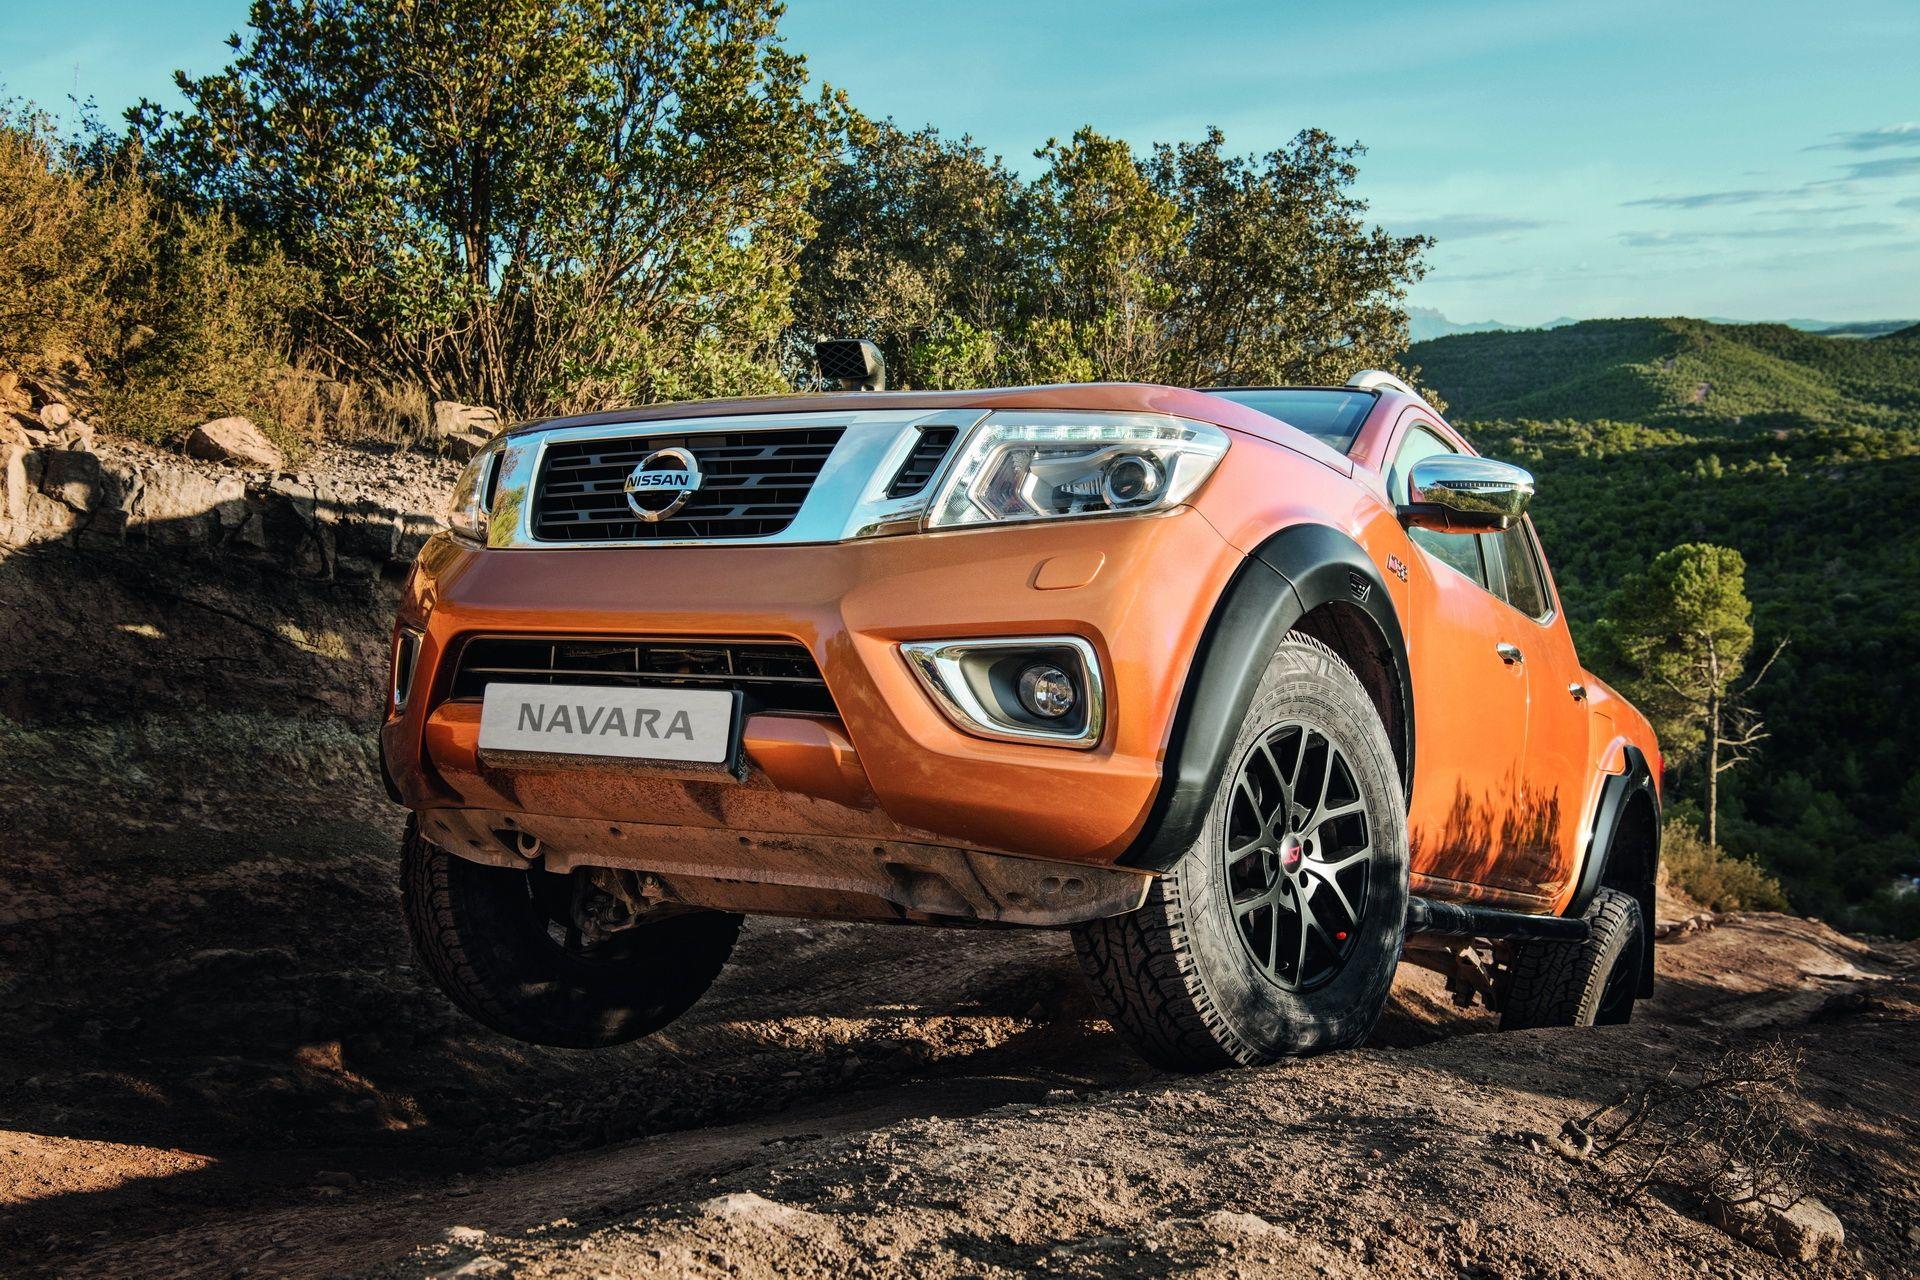 Nissan Navara Off-Roader AT32 by Arctic Trucks Boasts 32-inch Tires